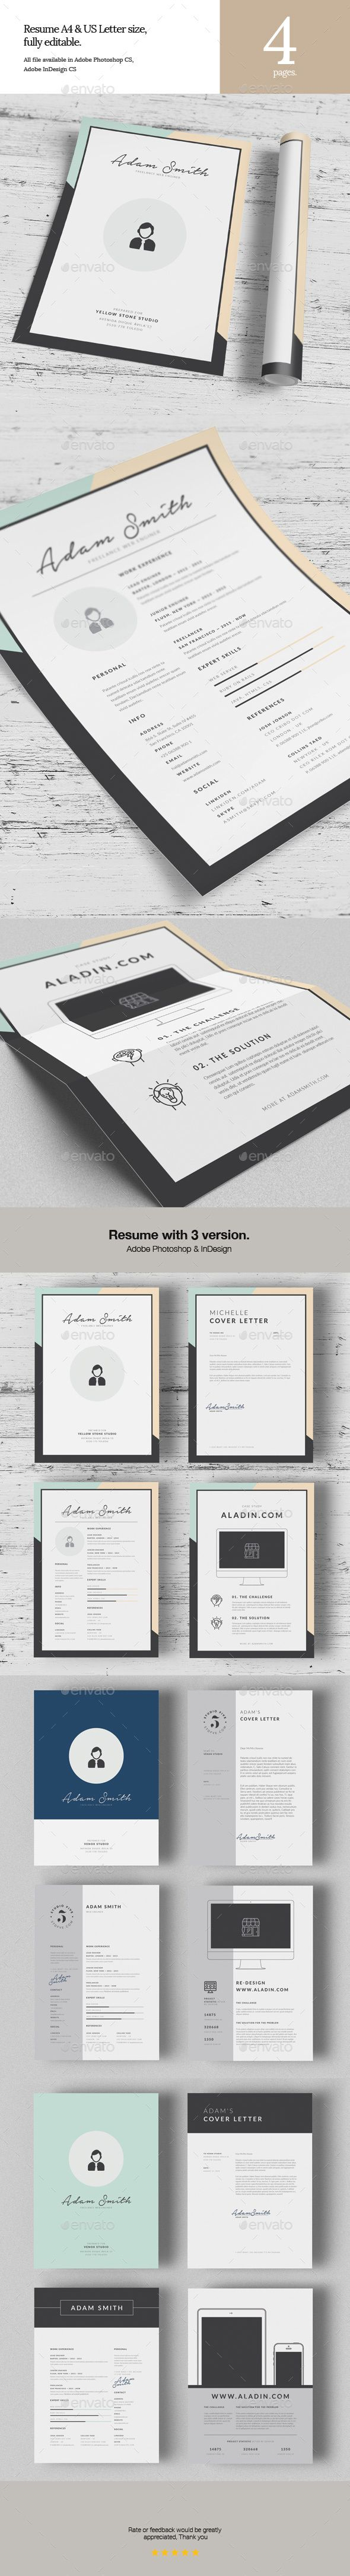 Resume | Pinterest | Diseños creativos, Acción y Maestros